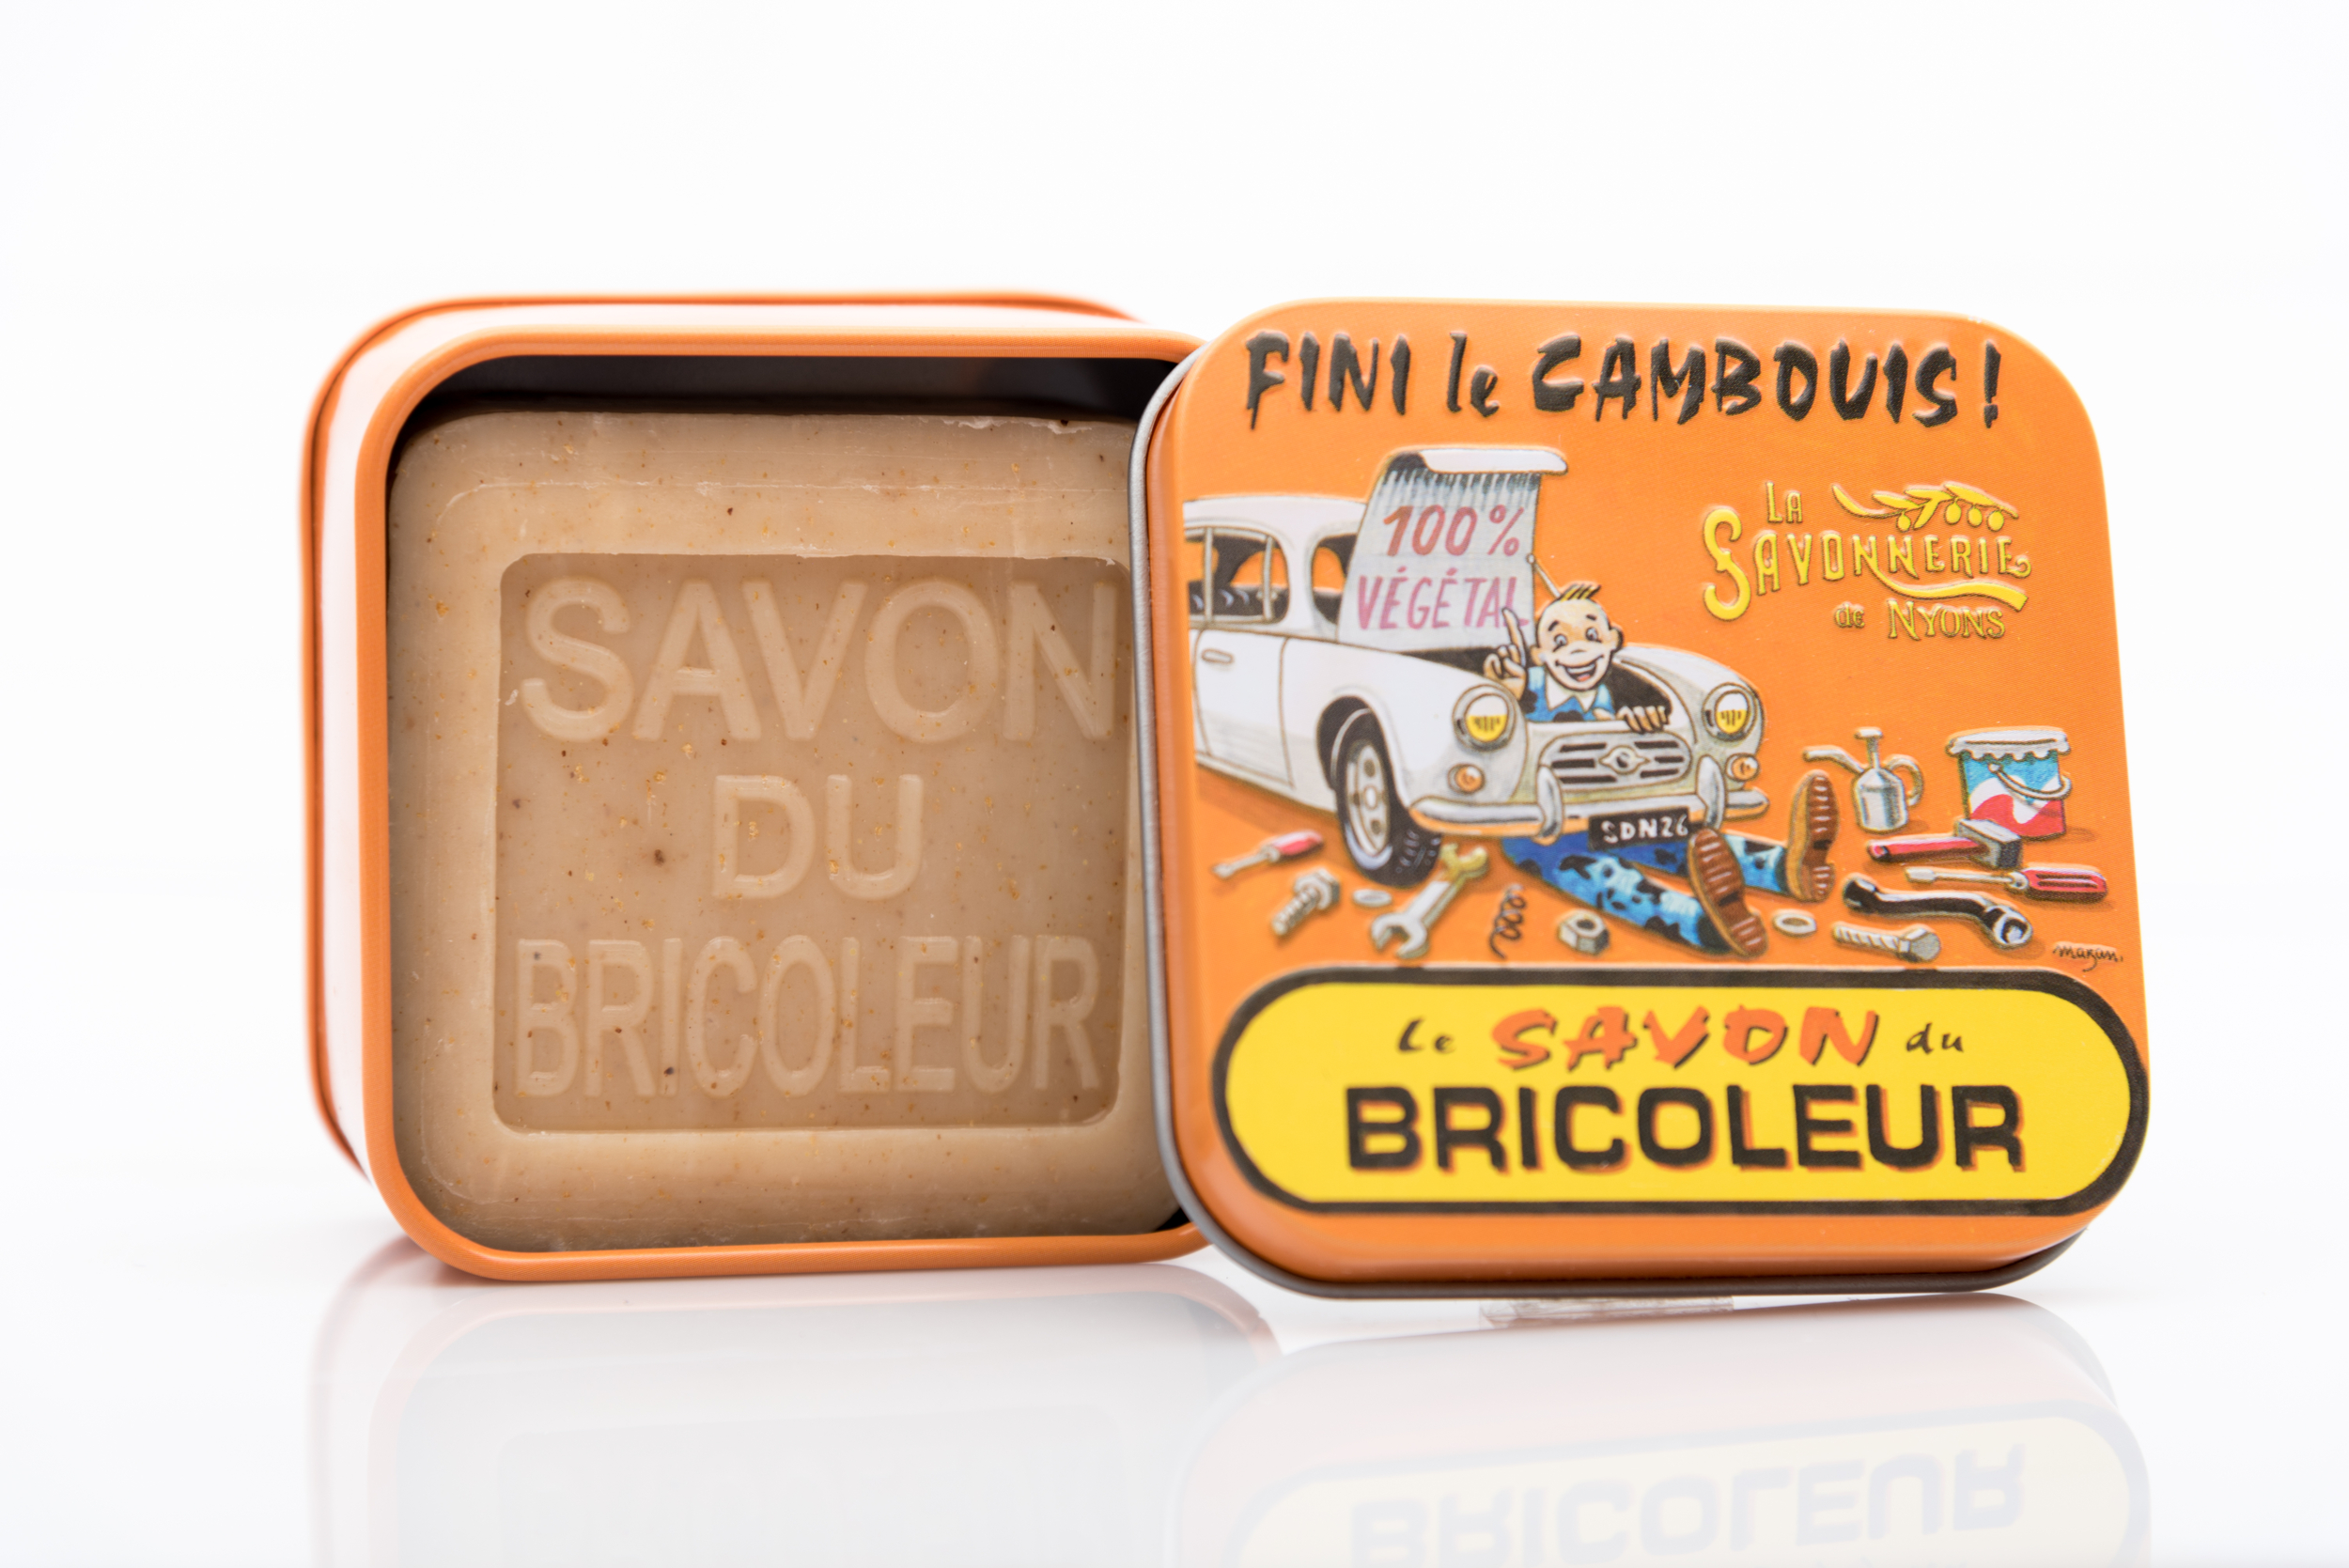 SAVON DU BRICOLEUR 100 GRAMMES